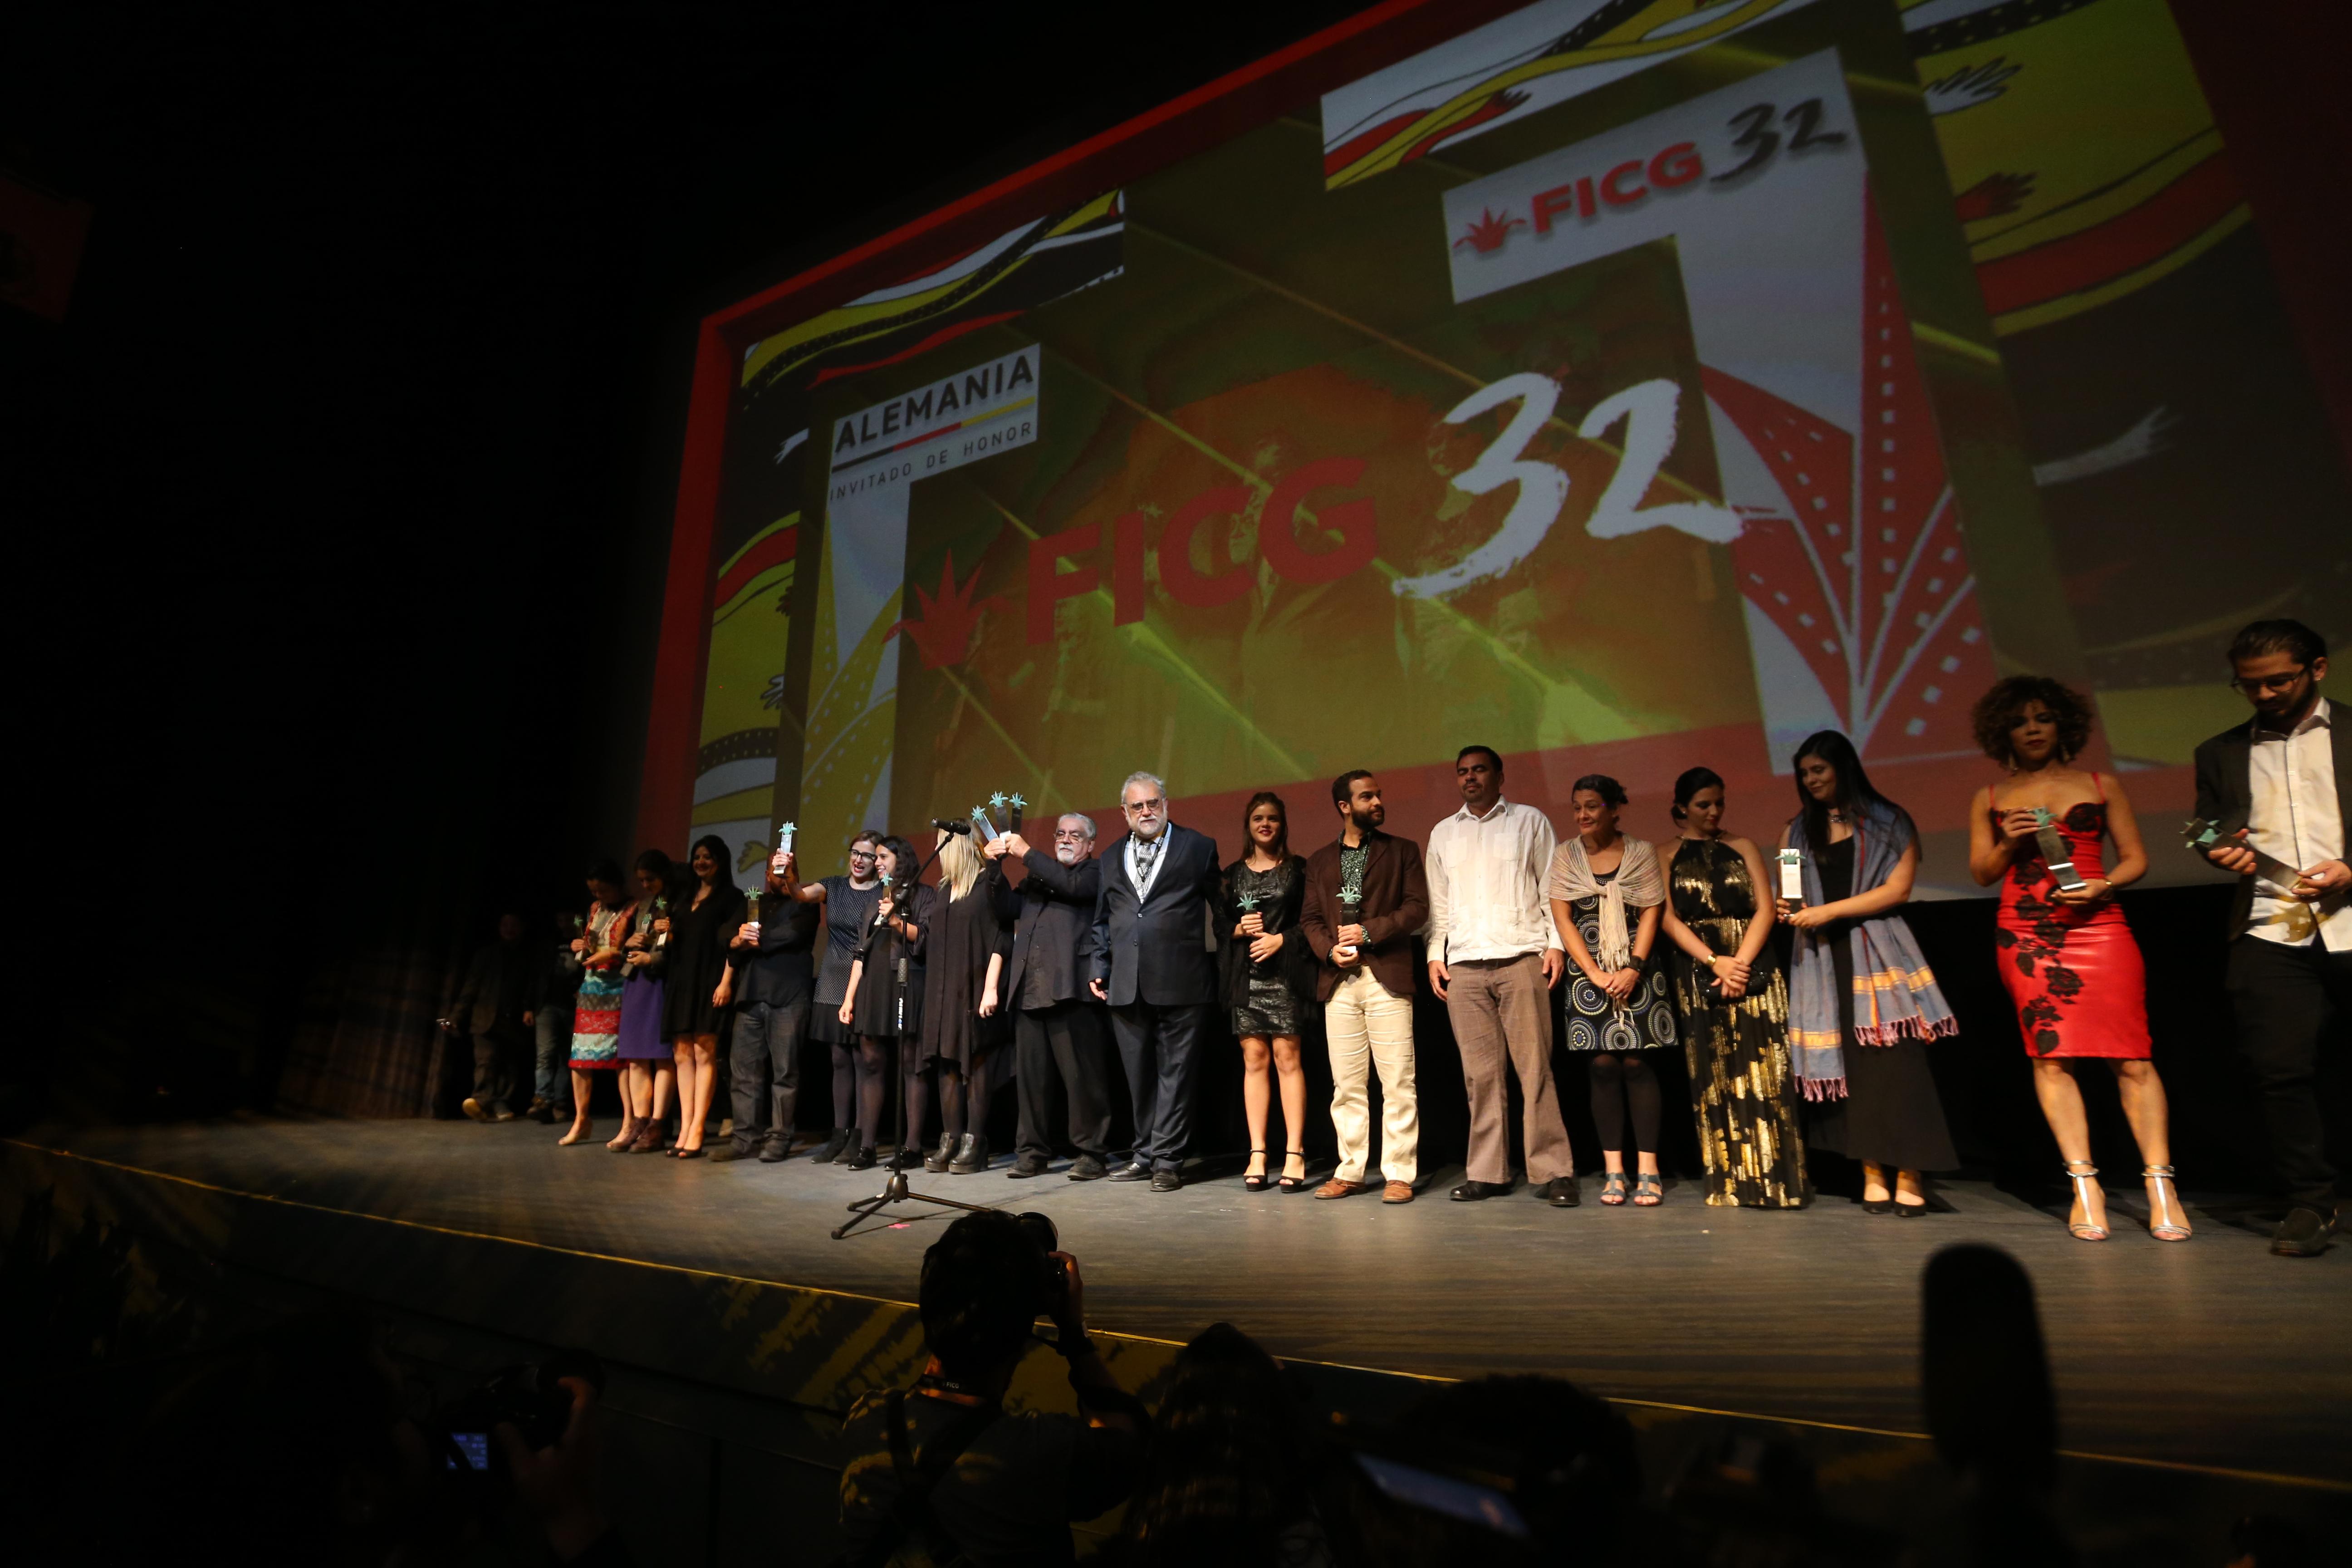 Ceremonia de premiación de las mejores películas y documentales, en el marco del Festival Internacional de Cine de Guadalajara (FICG).